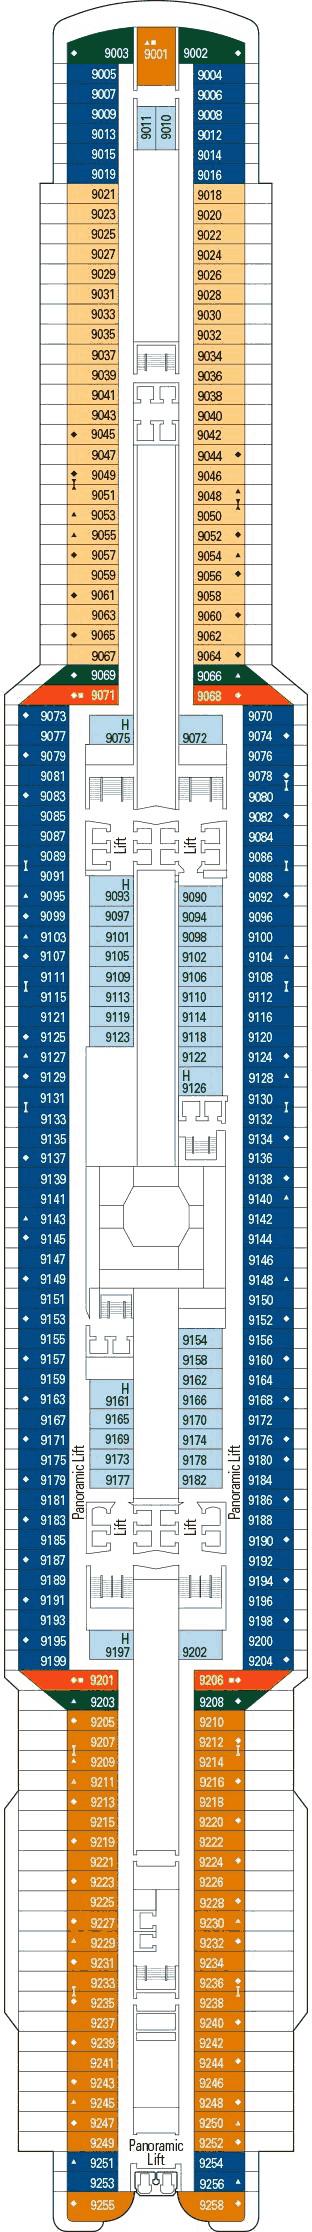 MSC Seaside - Deck 9